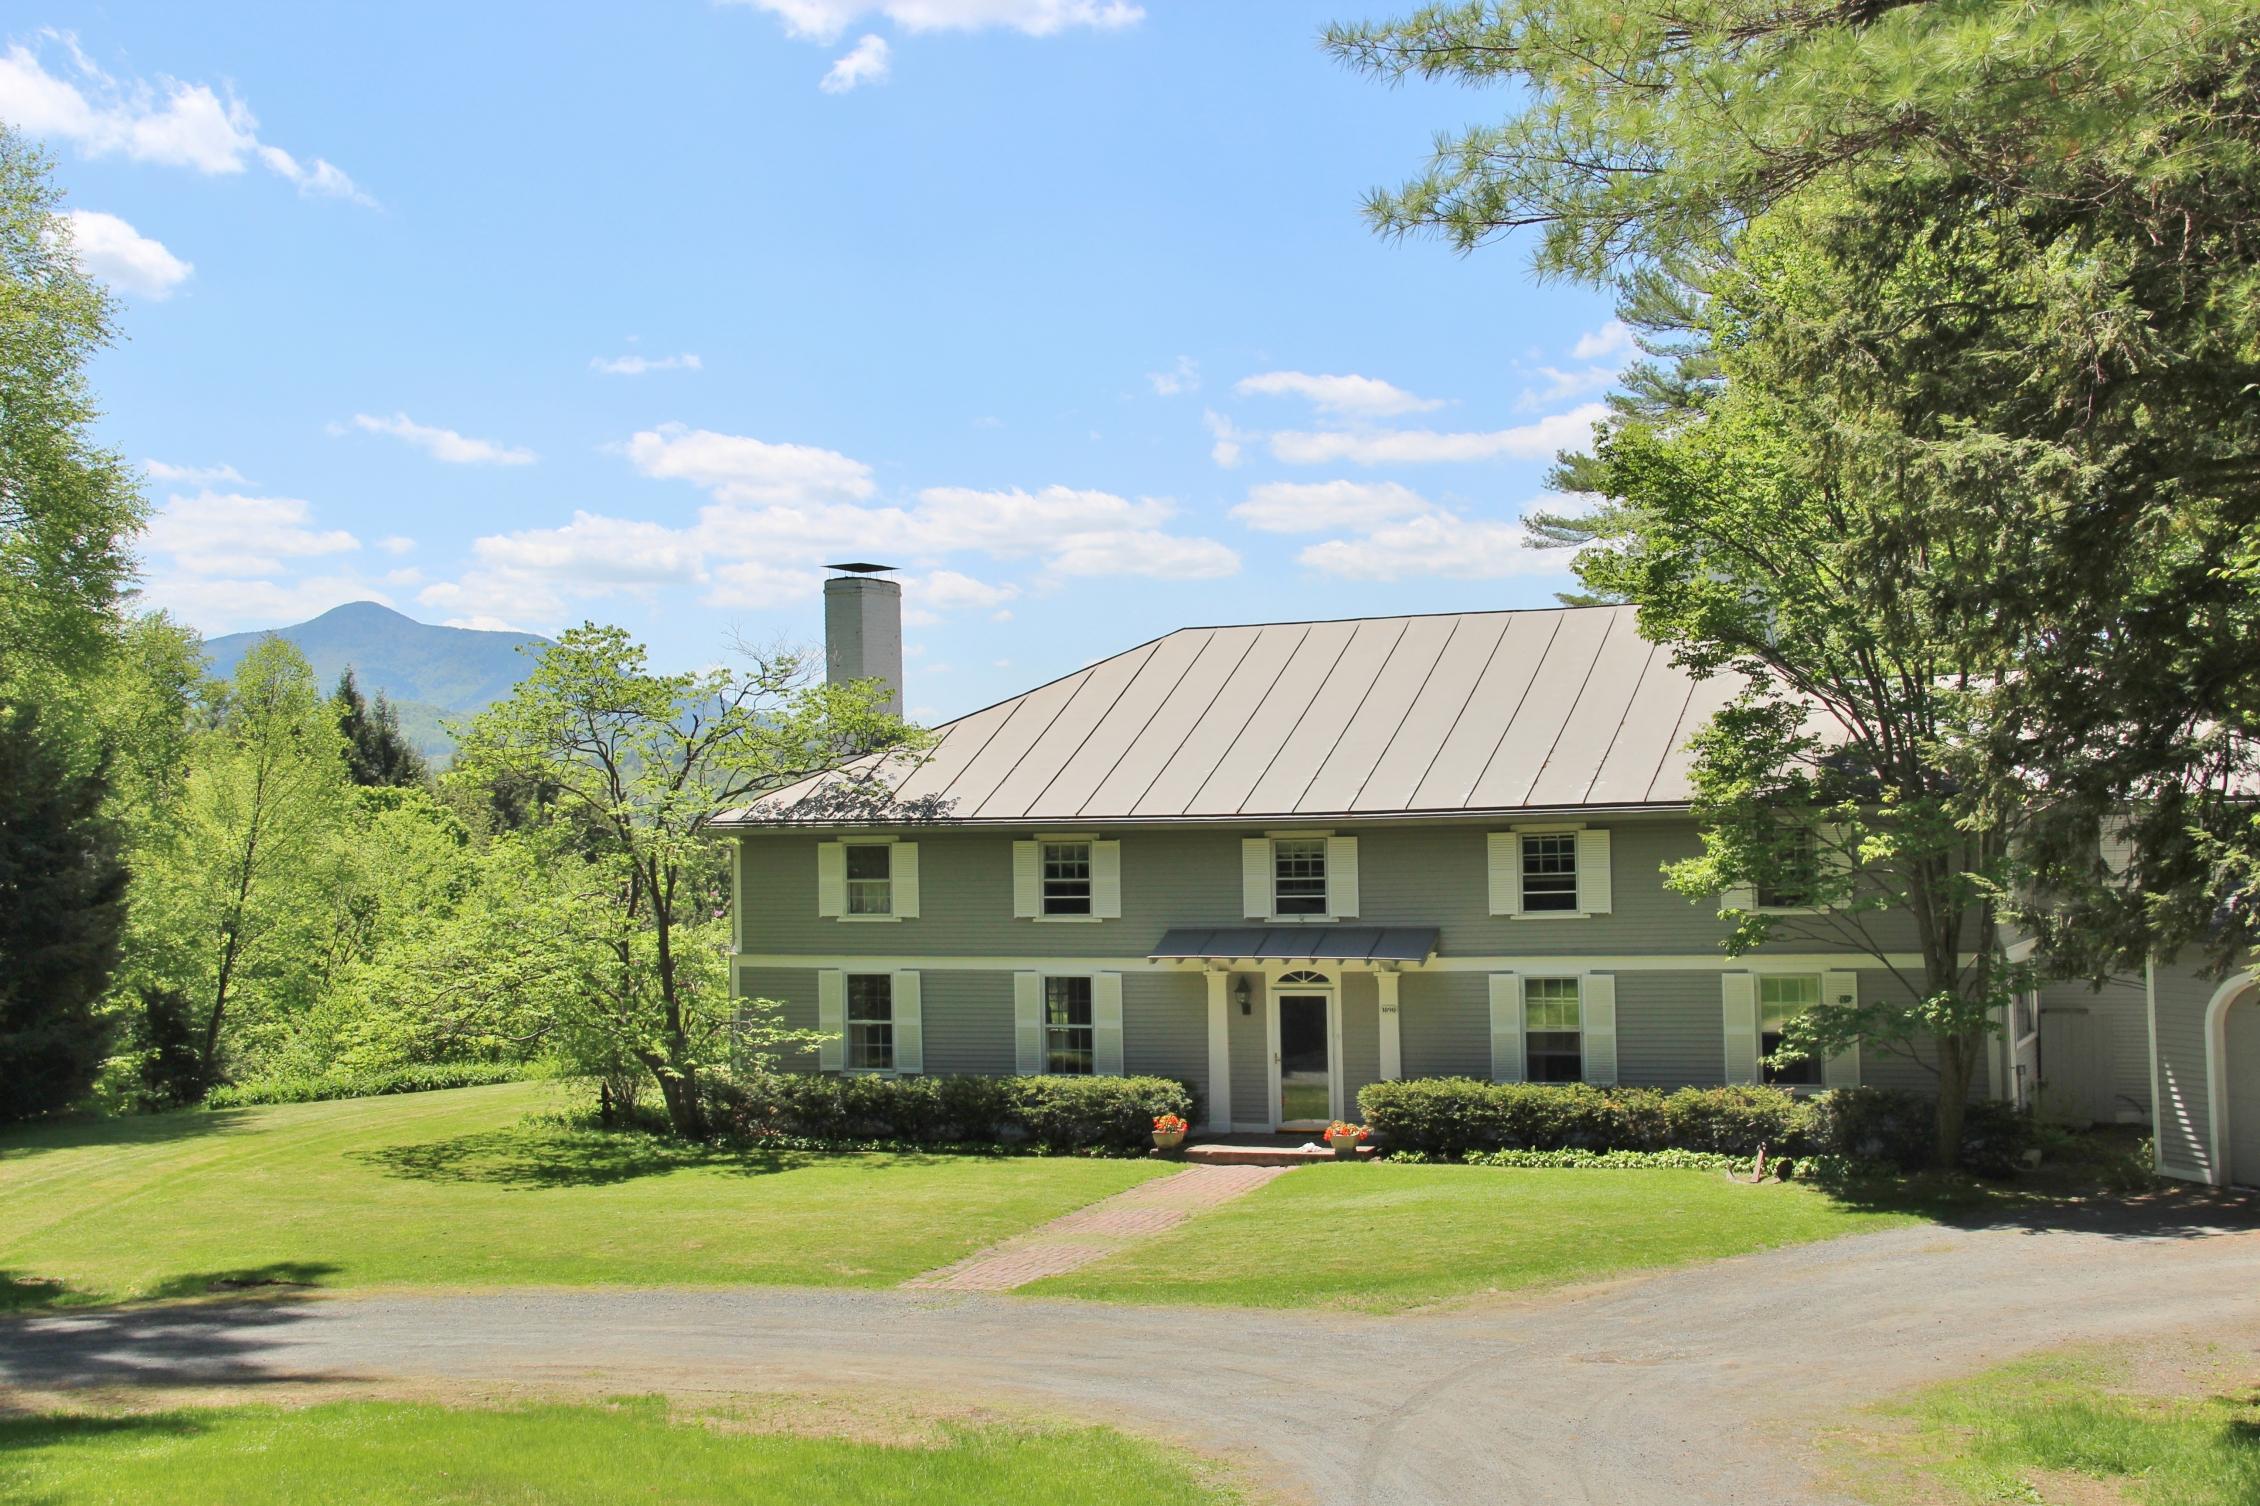 Maison unifamiliale pour l Vente à 193 Platt Road, Cornish 193 Platt Rd Cornish, New Hampshire 03745 États-Unis